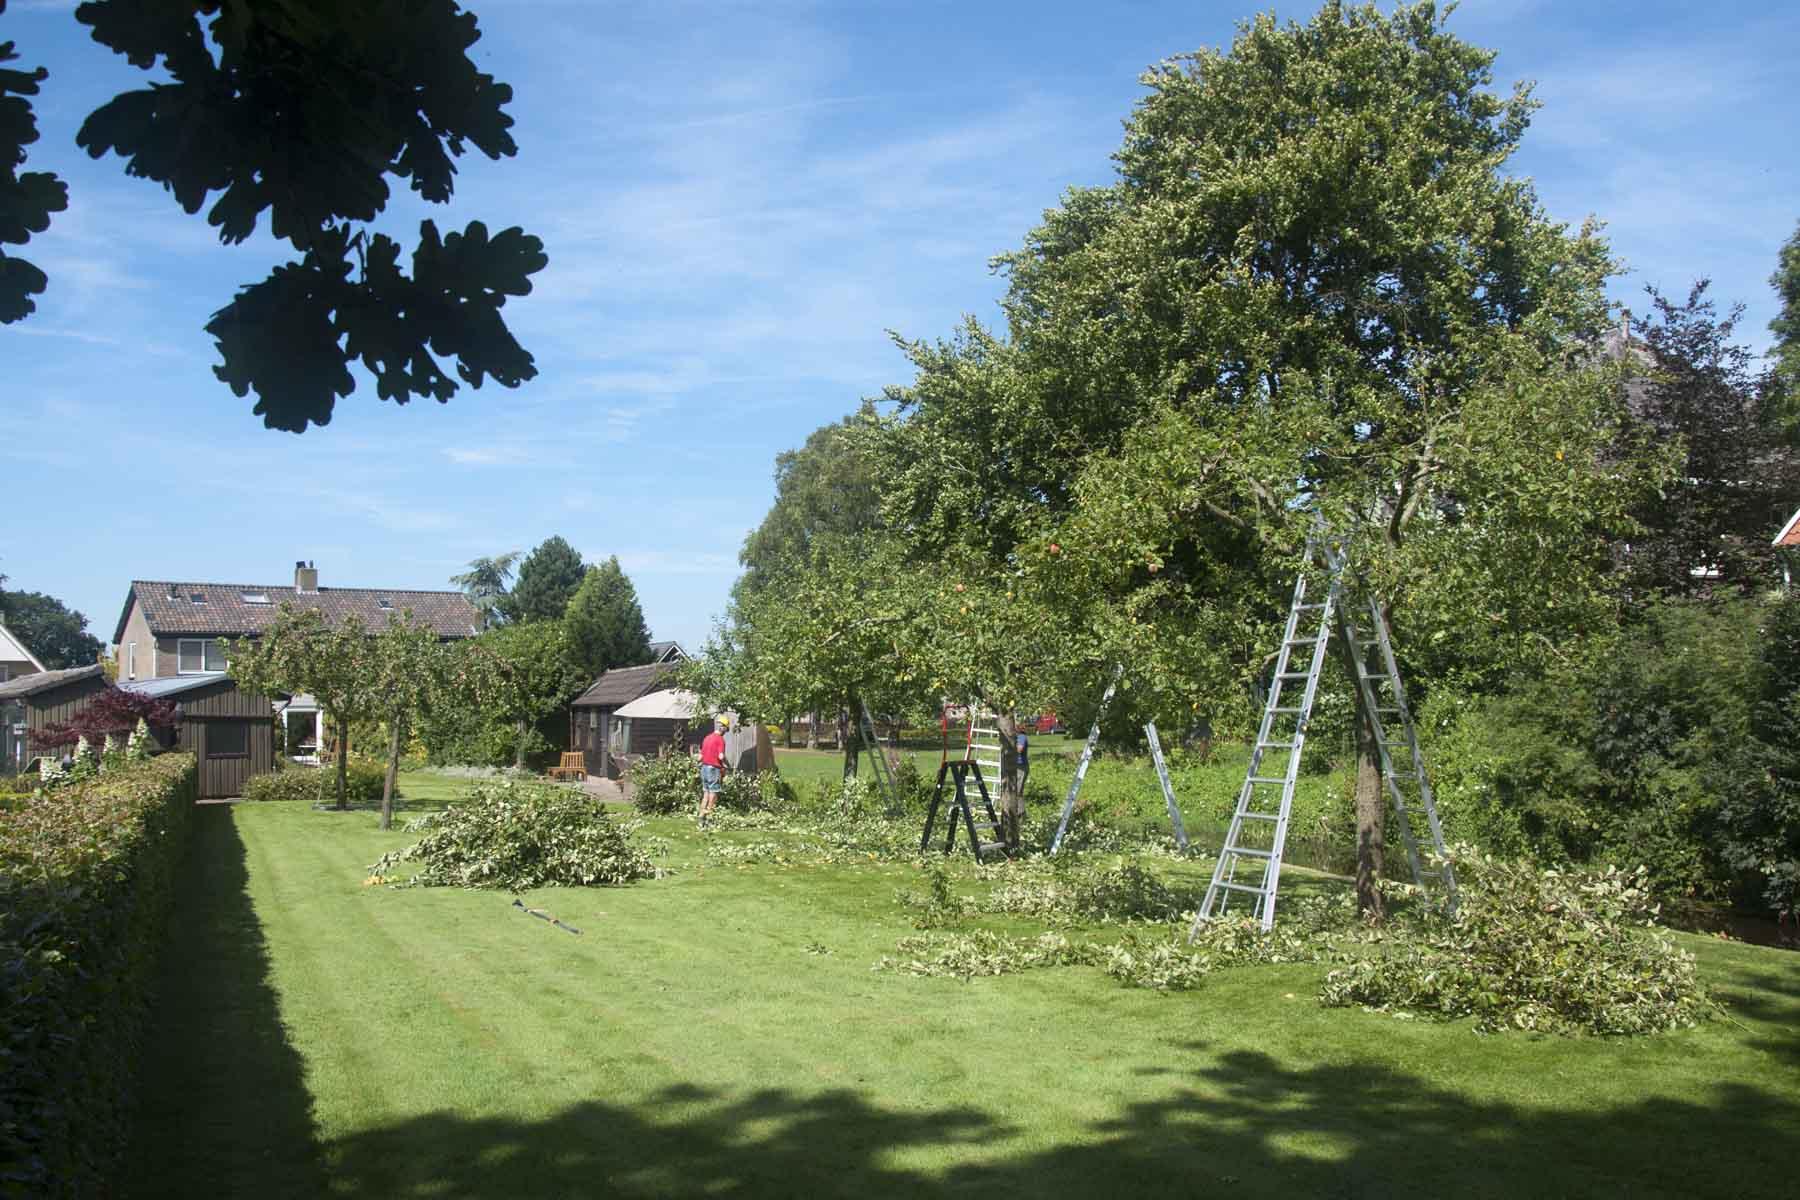 2012-08-18-hsb-steenwijkerwold-4120